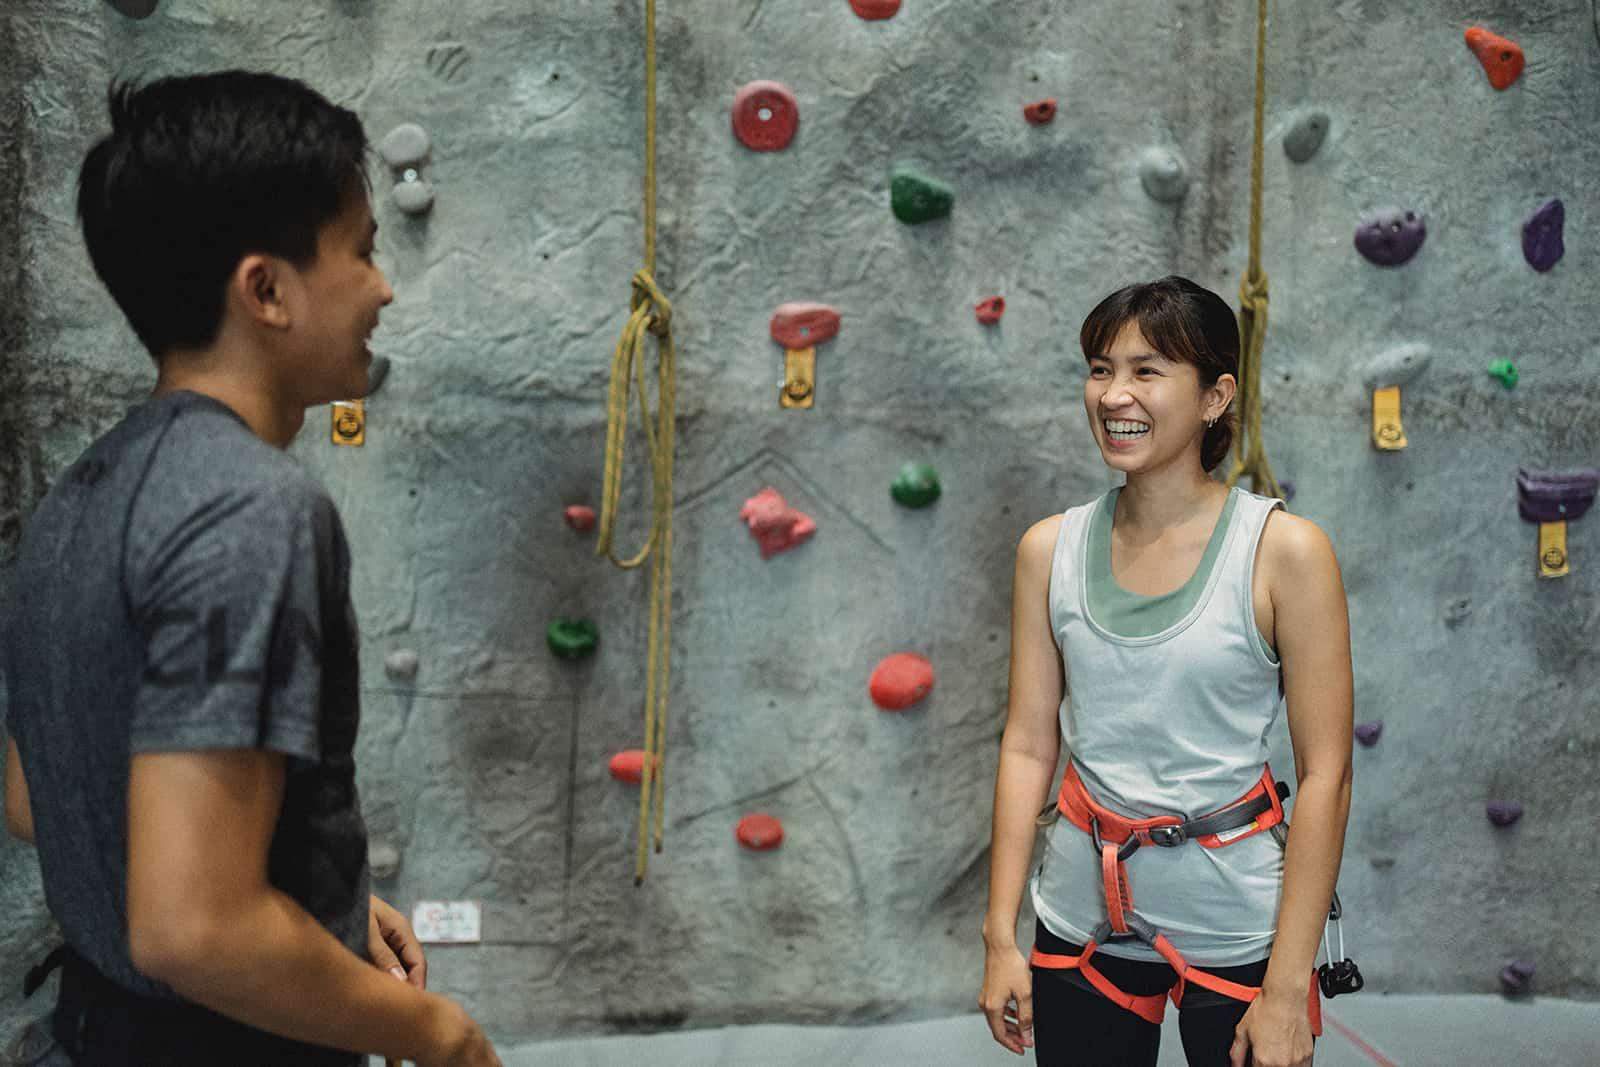 Ein Mann und eine Frau stehen vor einer Kletterwand und reden